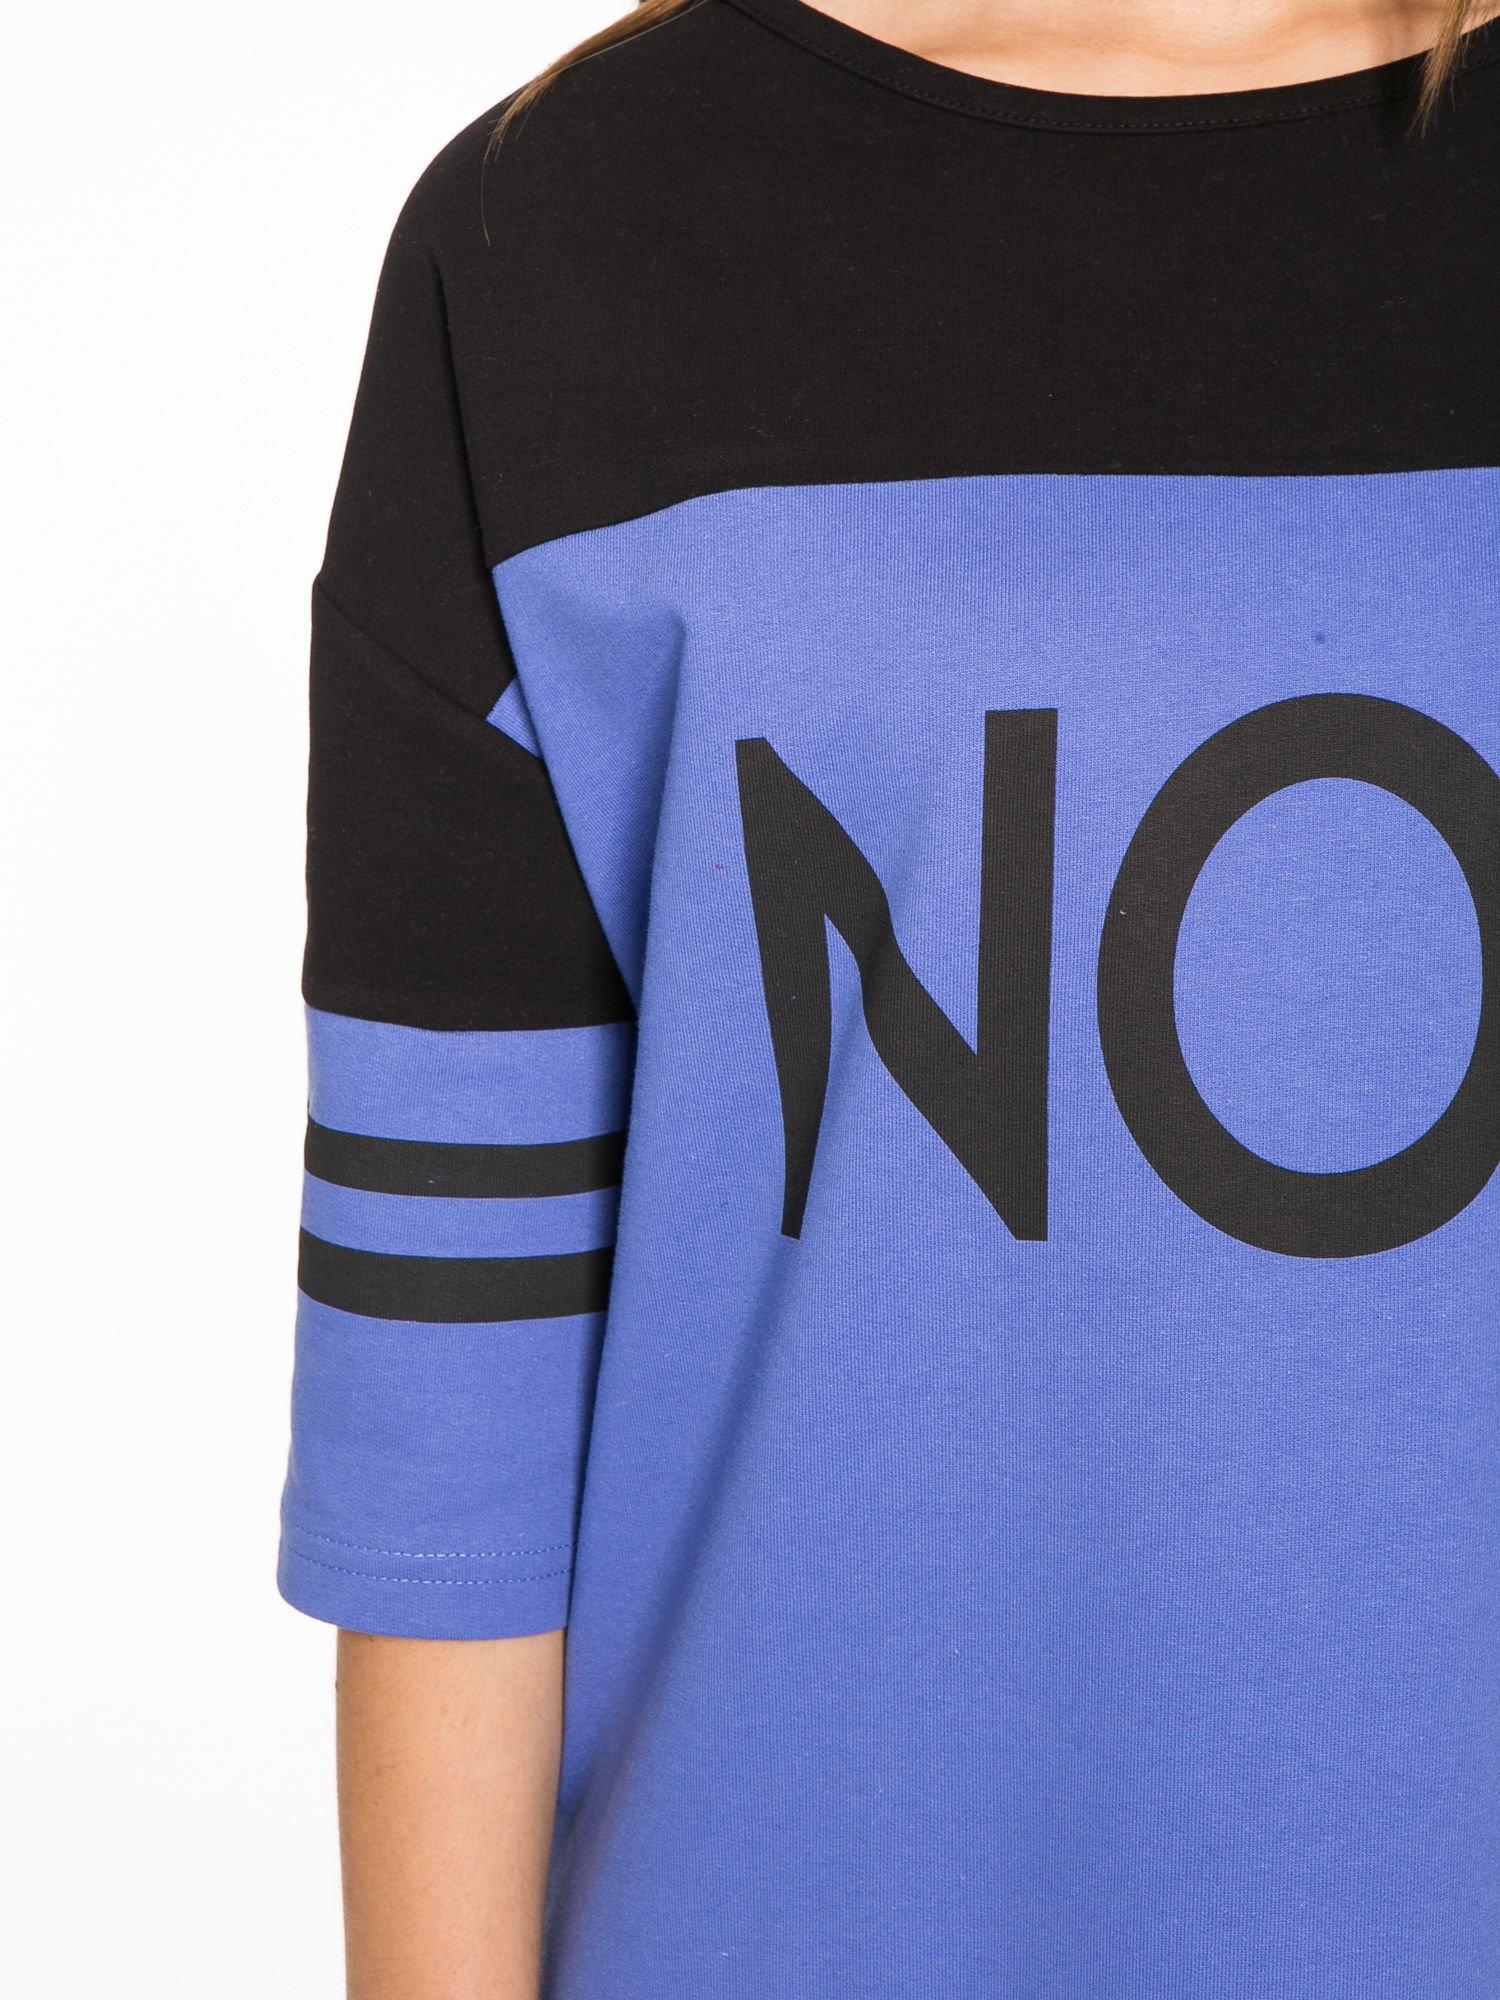 Fioletowa sukienka z napisem NOIR w stylu sportowym                                  zdj.                                  6